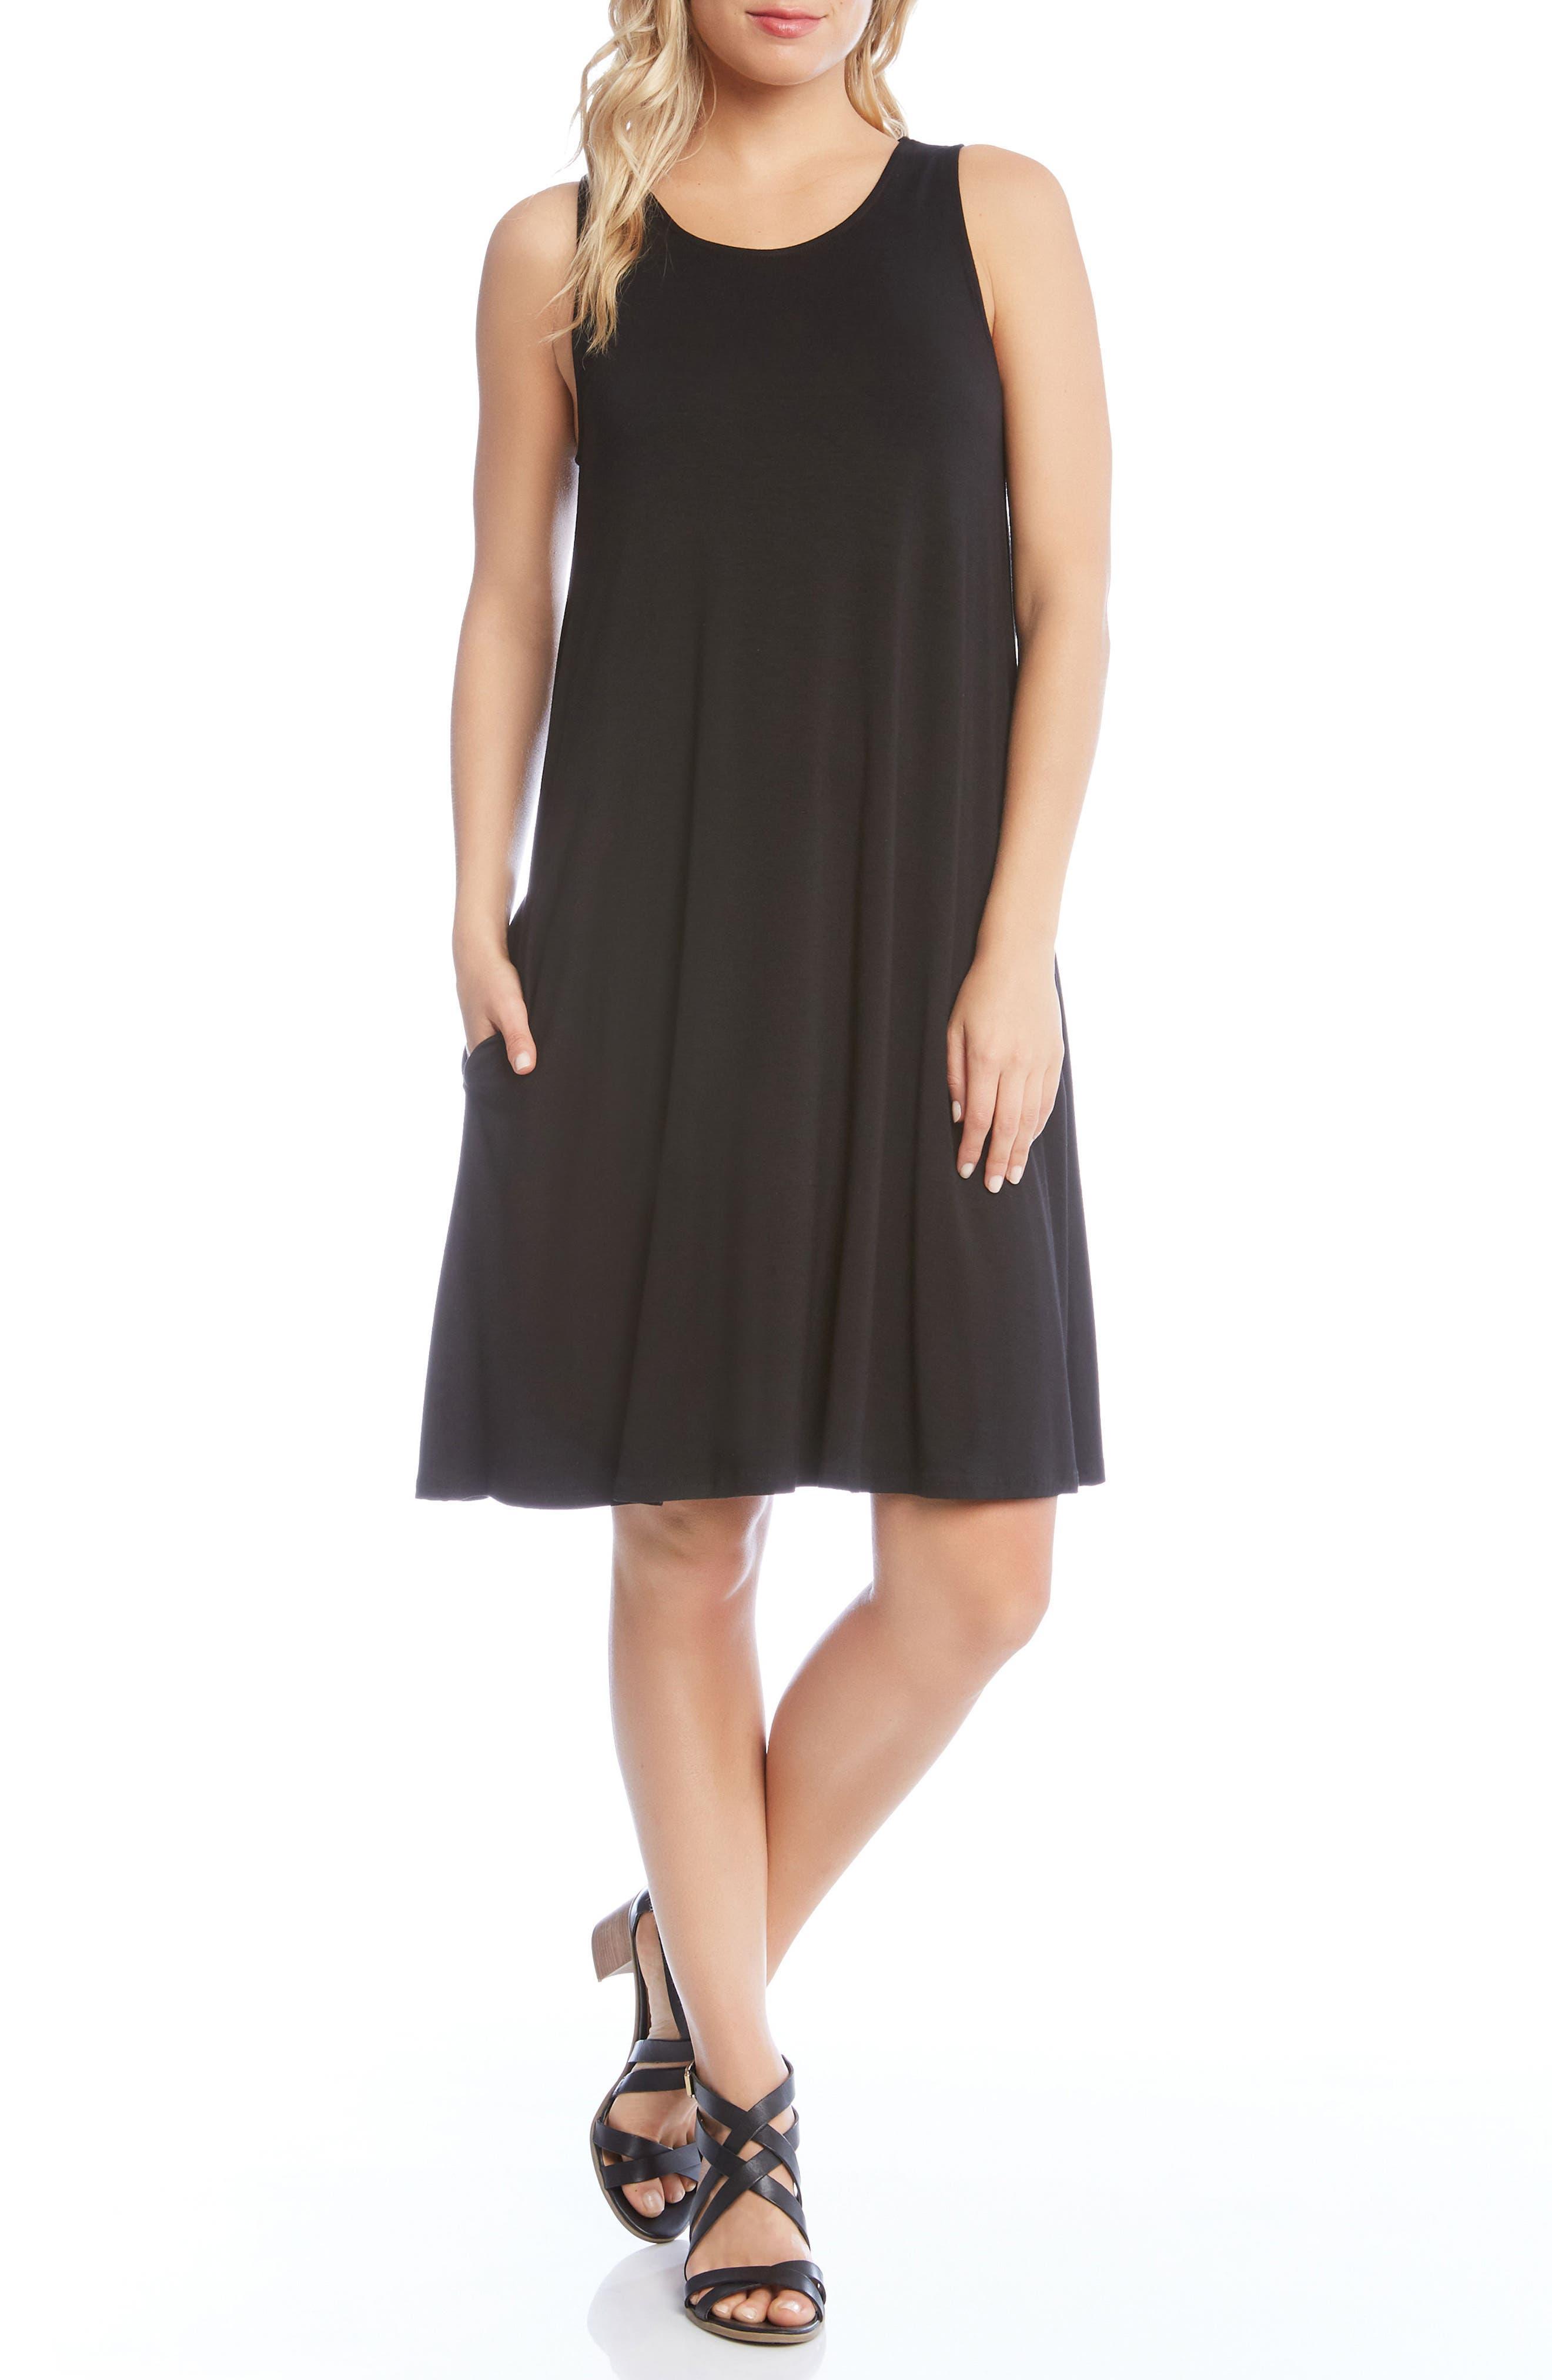 Chloe Swing Jersey Dress,                         Main,                         color, 001